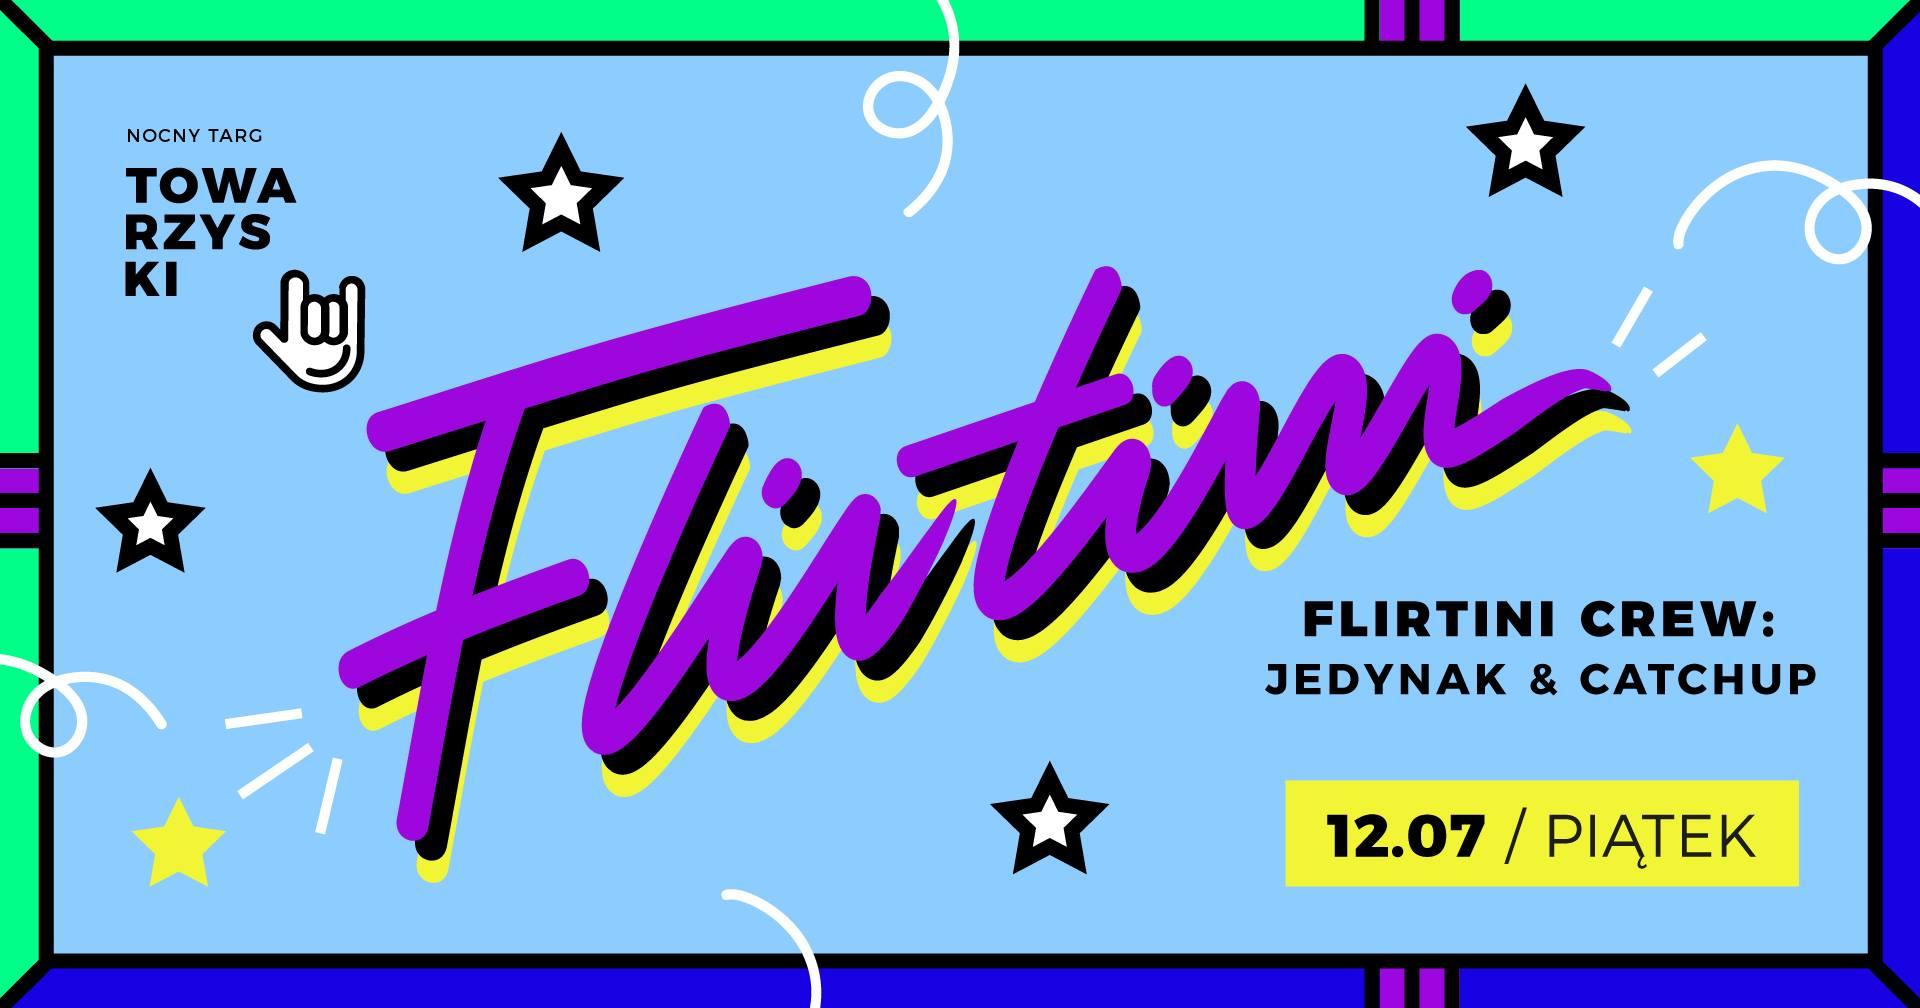 Flirtini puszczają piosenki na Nocnym Targu Towarzyskim Jedynak Catchup